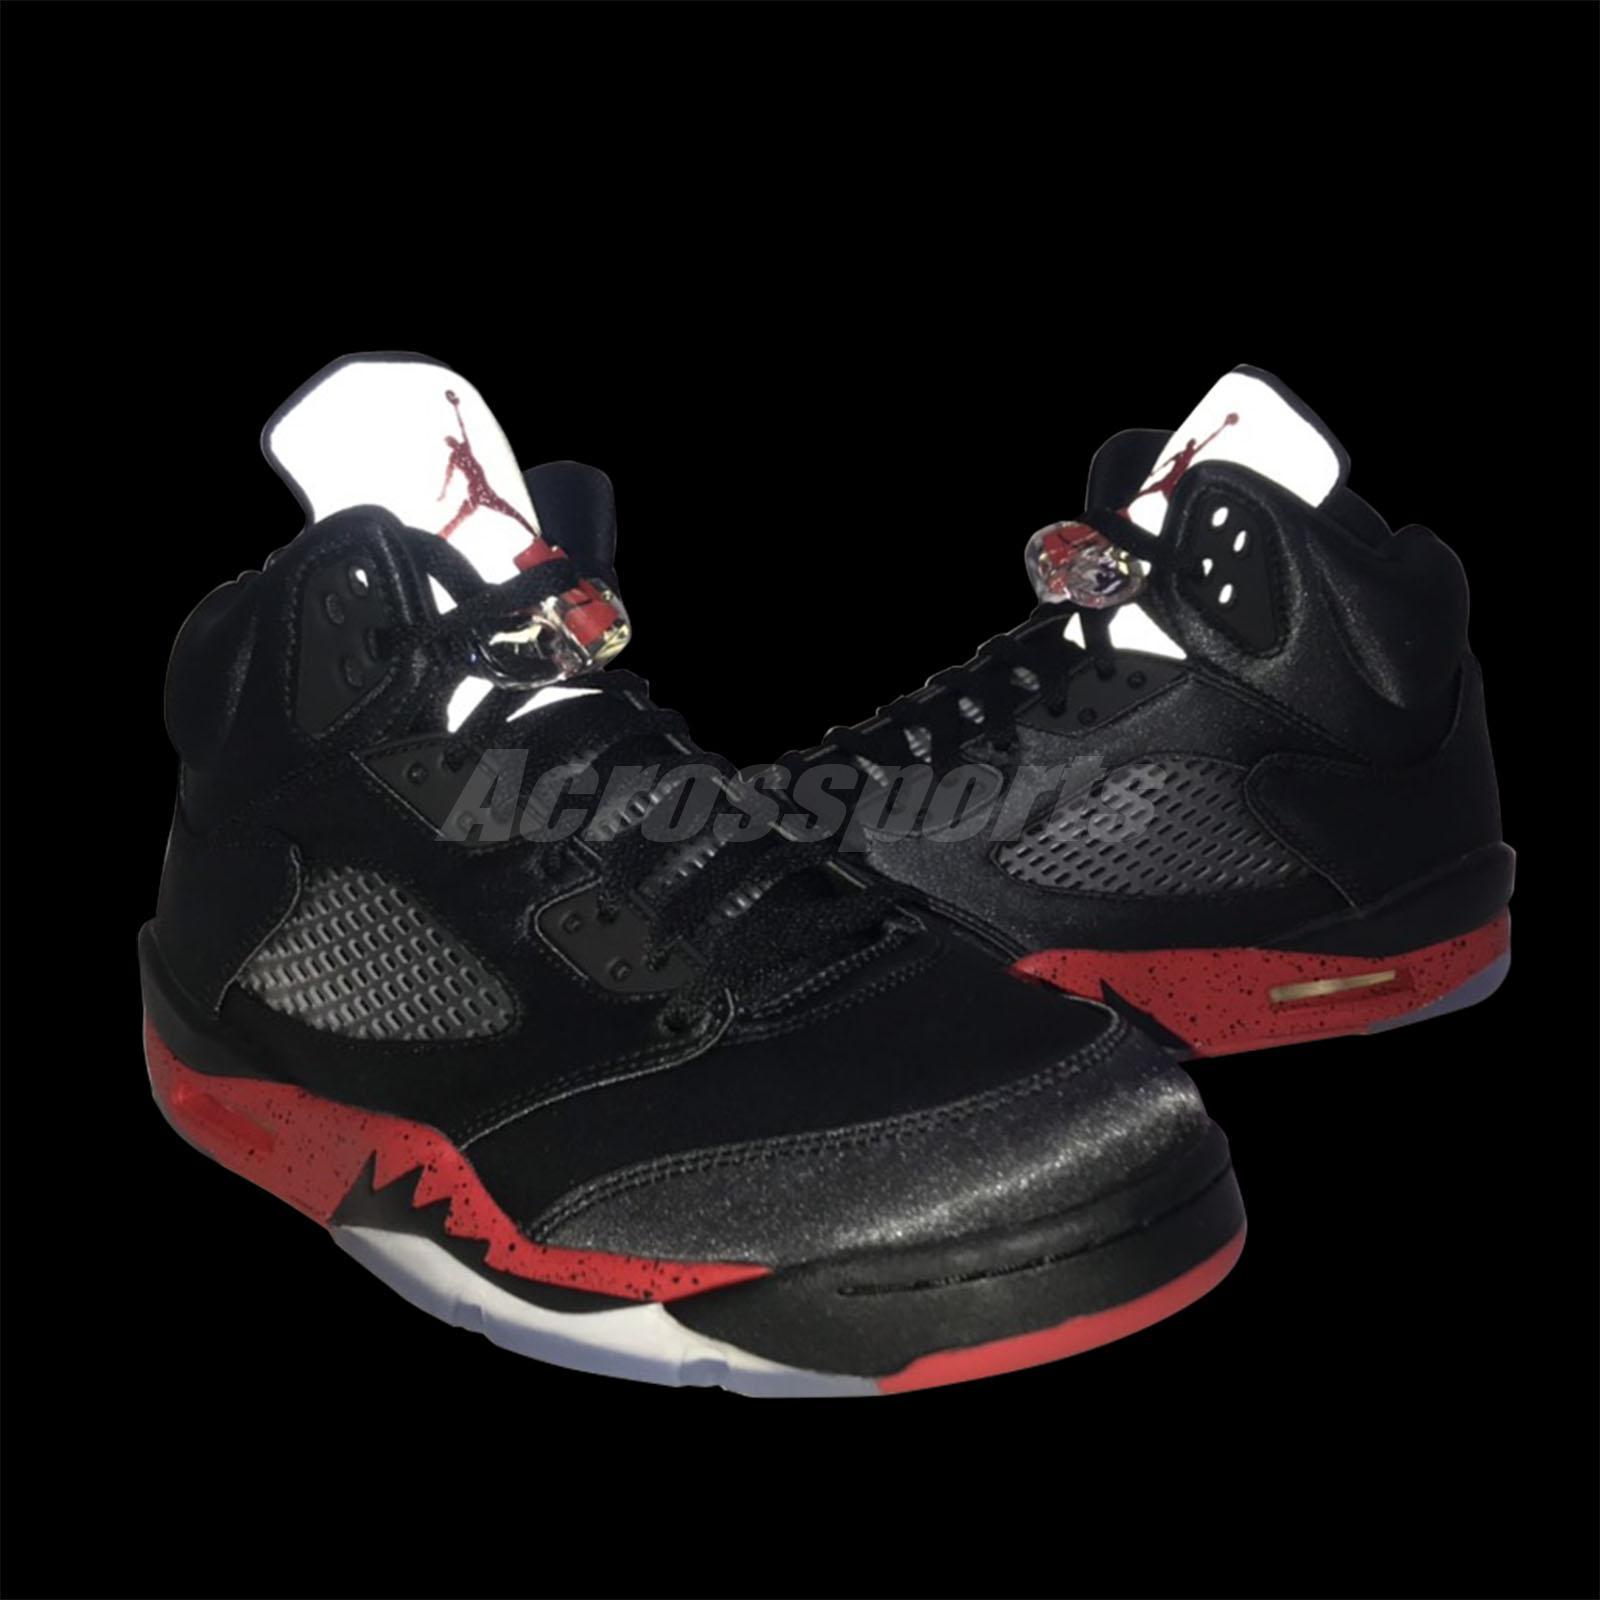 1d4e17de253ab7 Shoes Basketball Nike Air Jordan 5 Retro Satin Black University Red Bred V  AJ5 136027-006